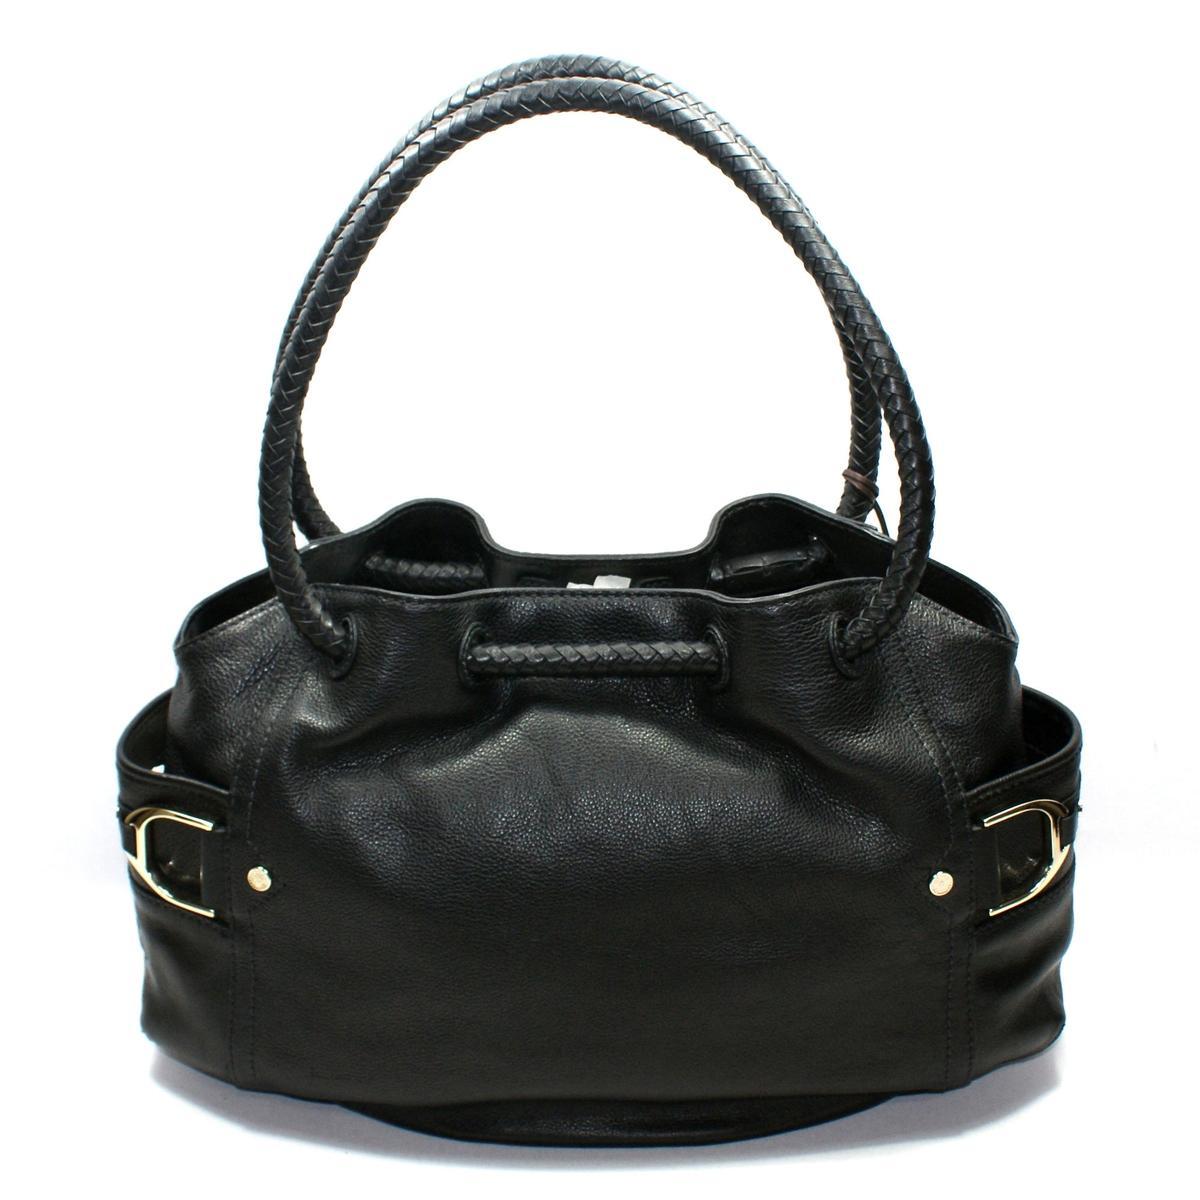 Cole Haan Small Denney Black Saddle Shoulder Bag B35170